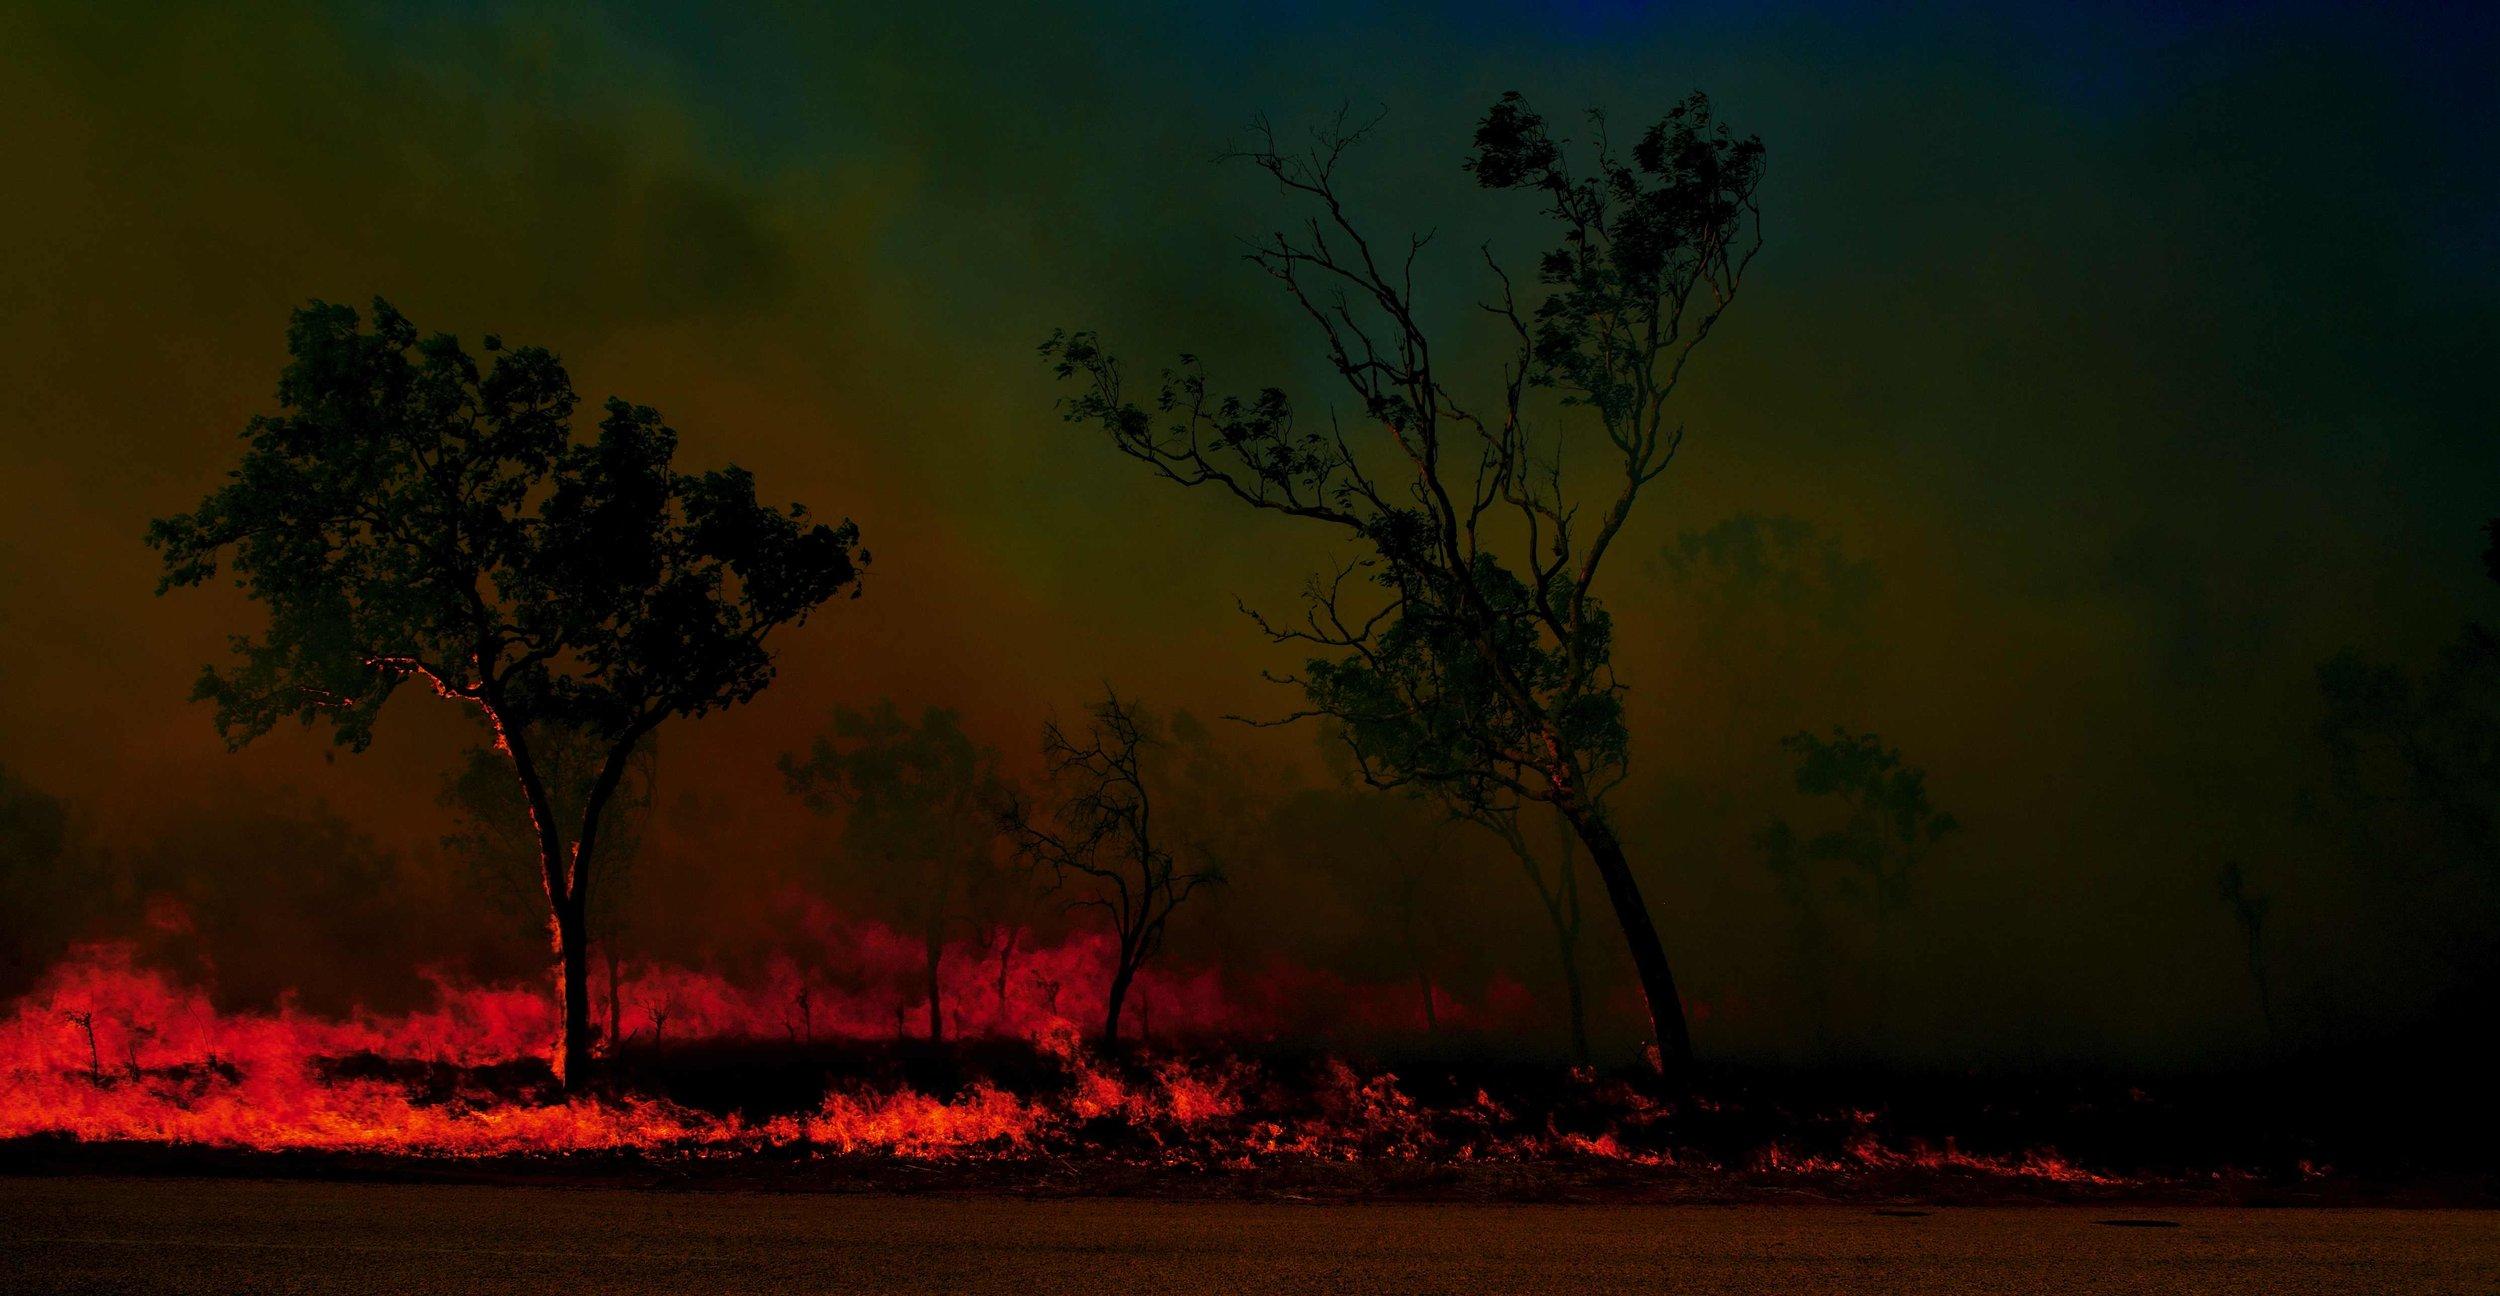 fire-007265.jpg